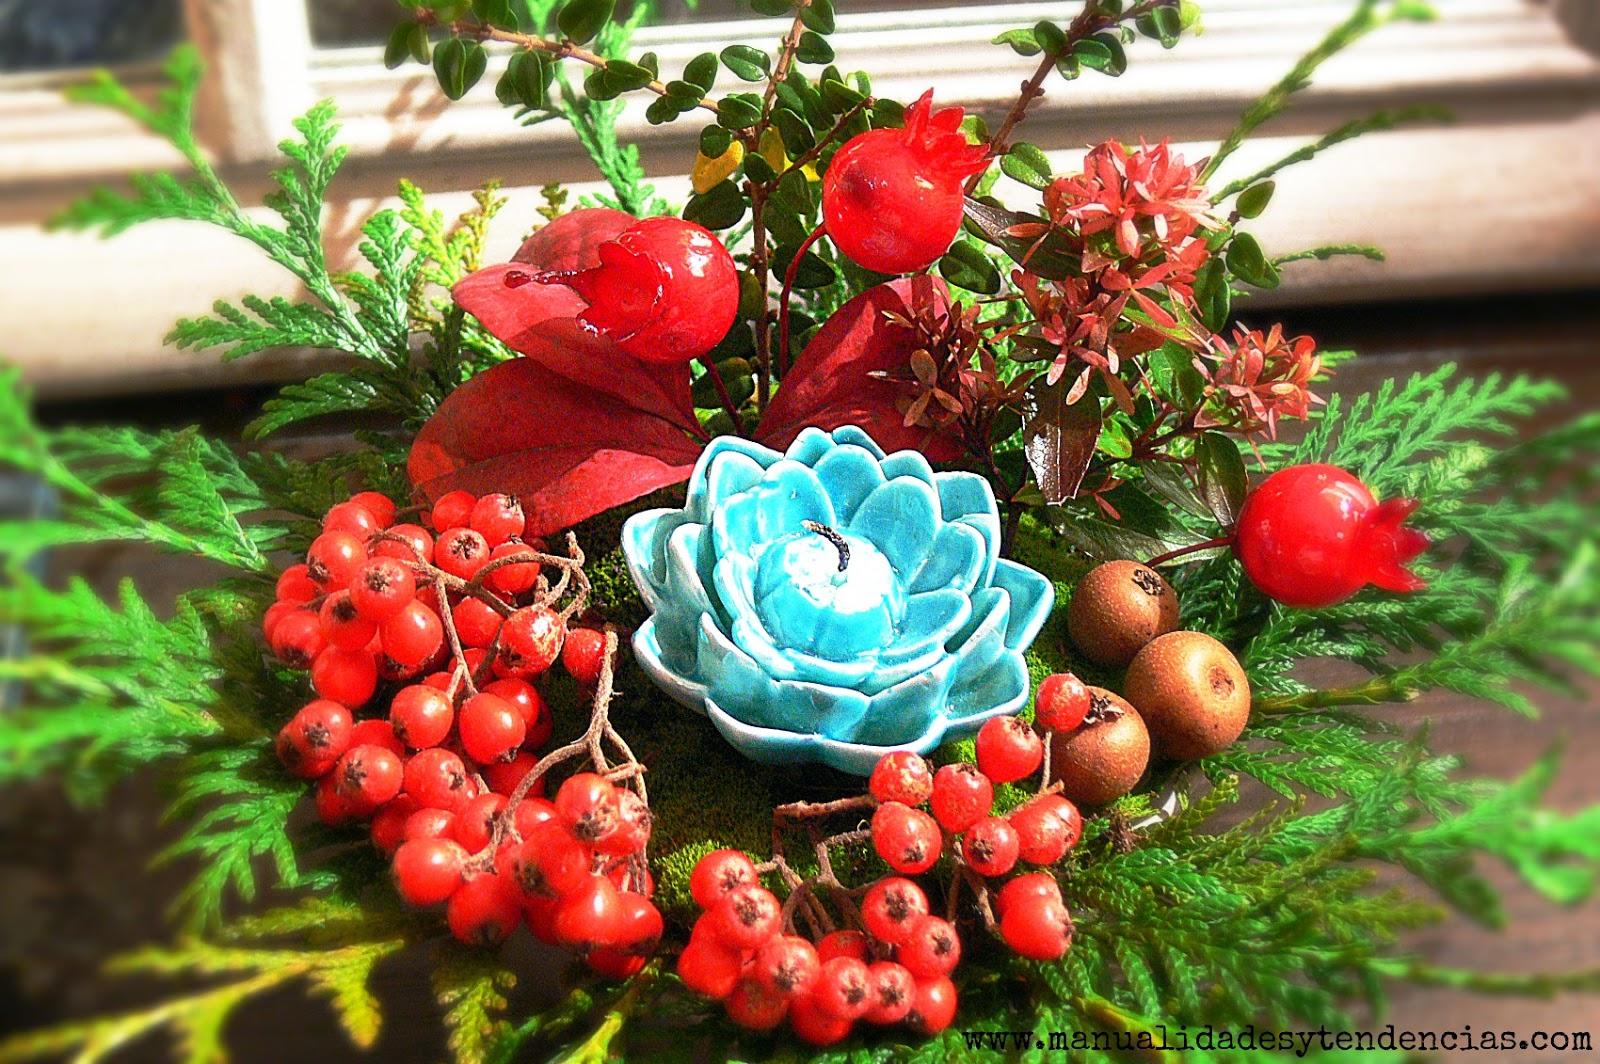 Manualidades y tendencias arreglo floral navide o - Centro de mesa navideno manualidades ...